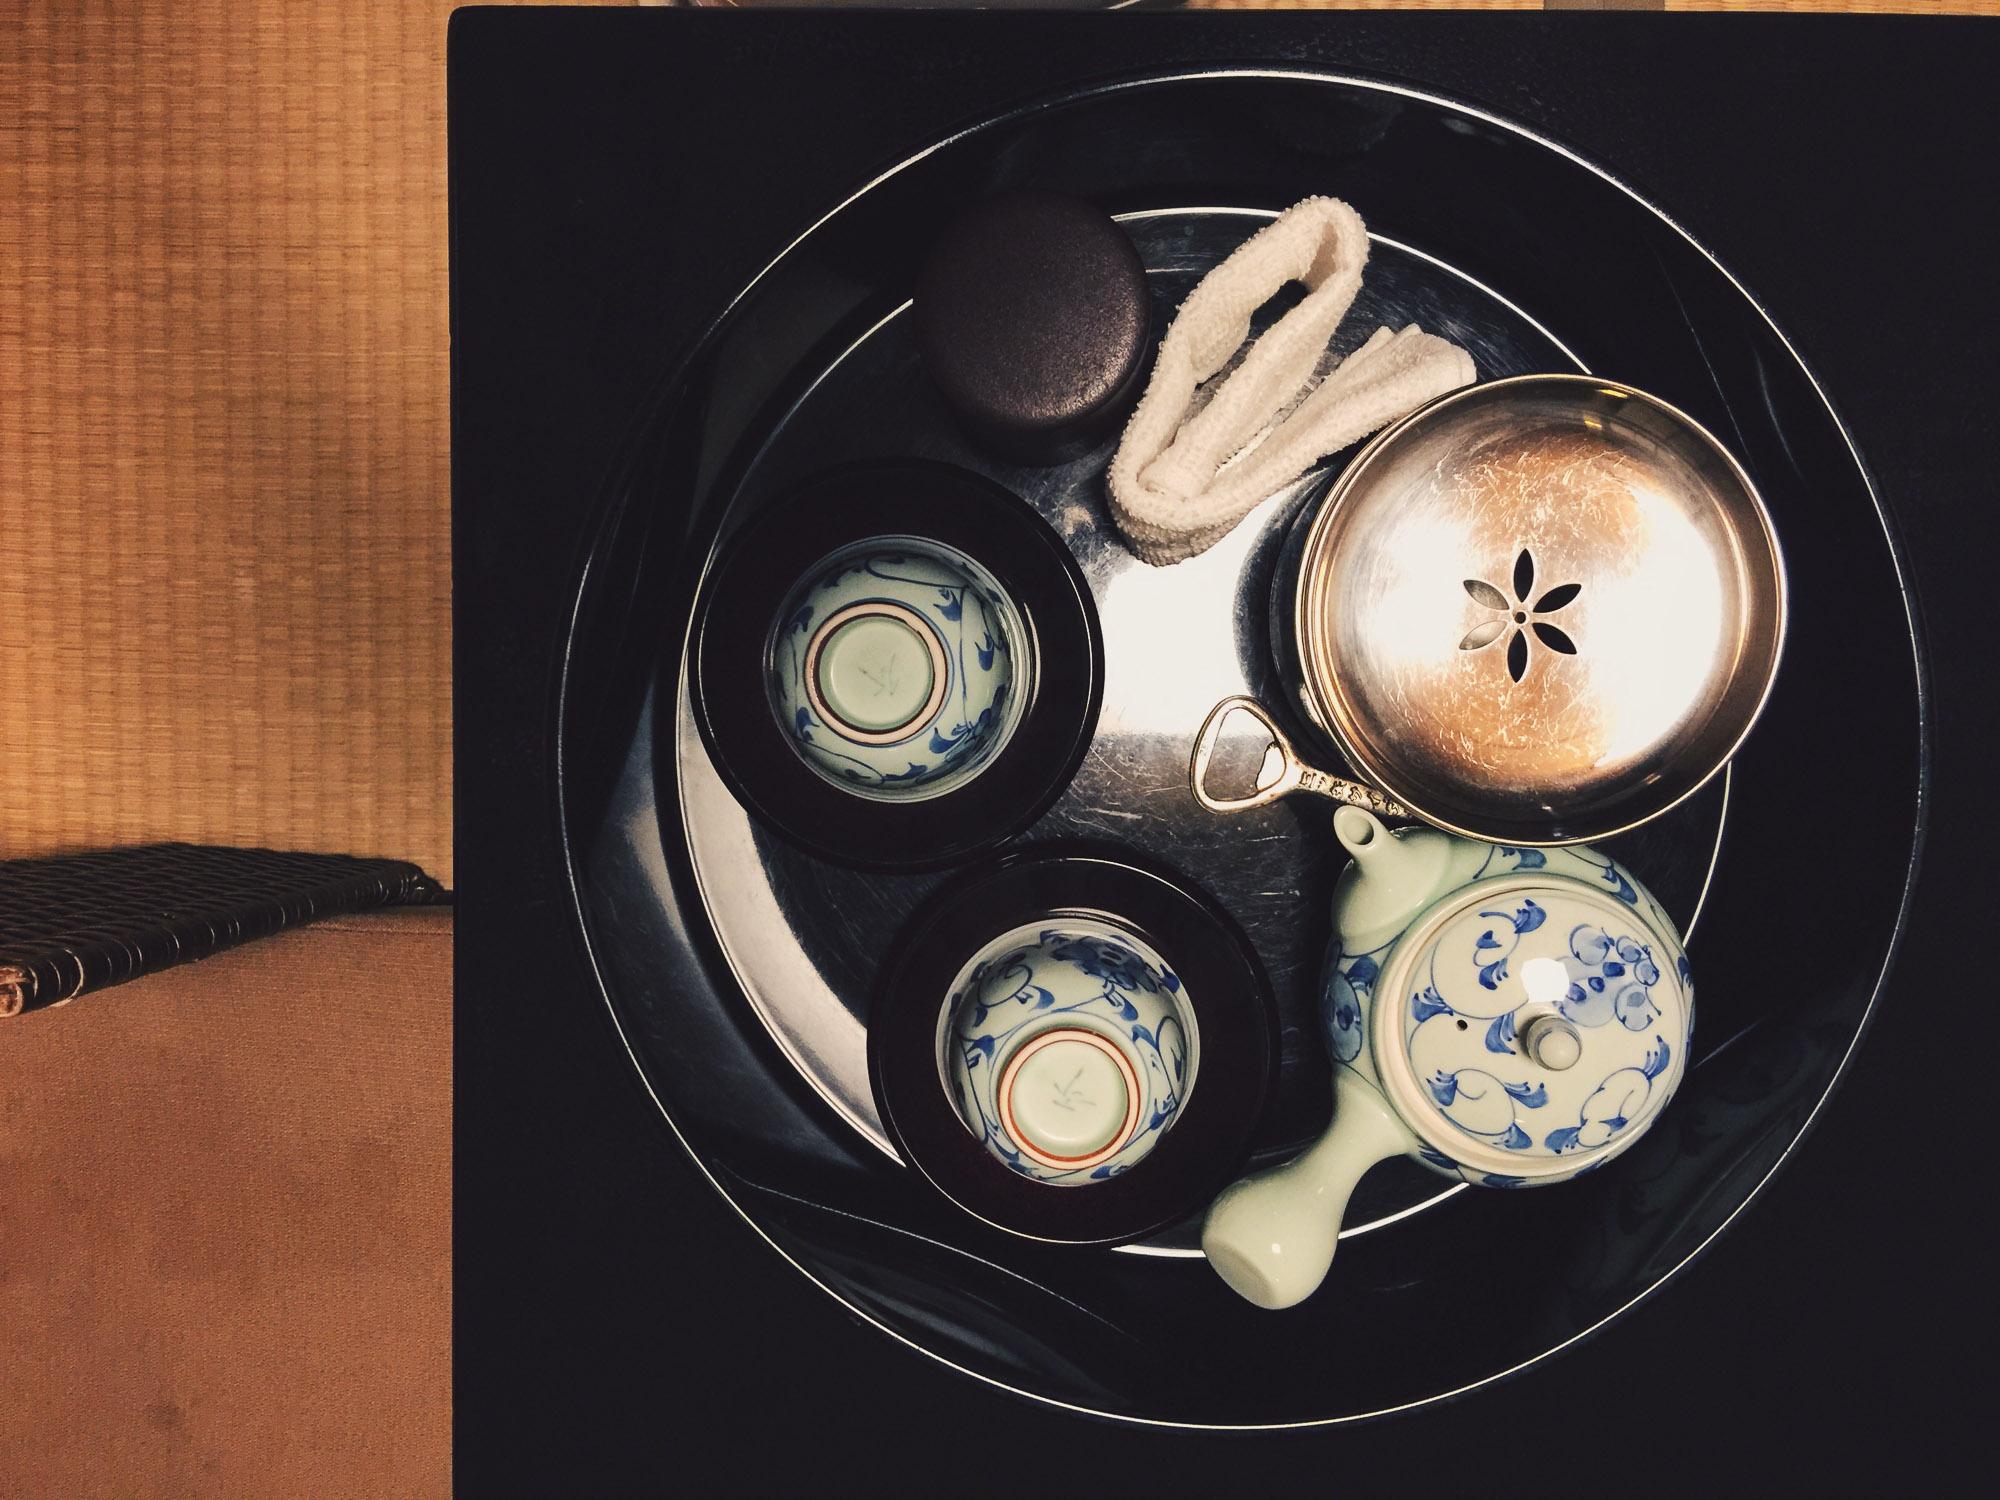 Instagramming Japan - Tea set